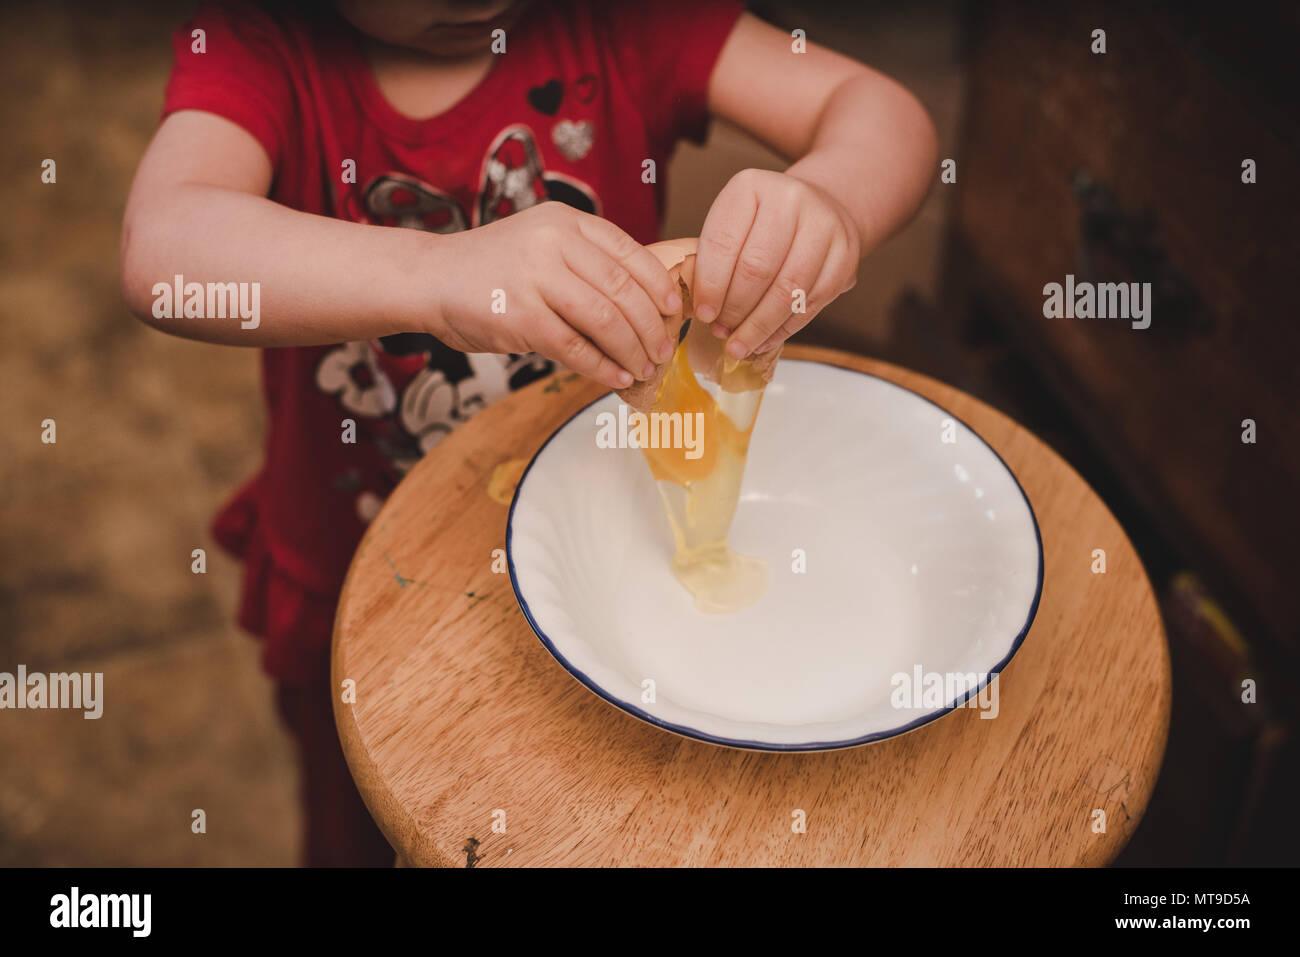 A toddler cracking a farm fresh egg into a bowl. - Stock Image